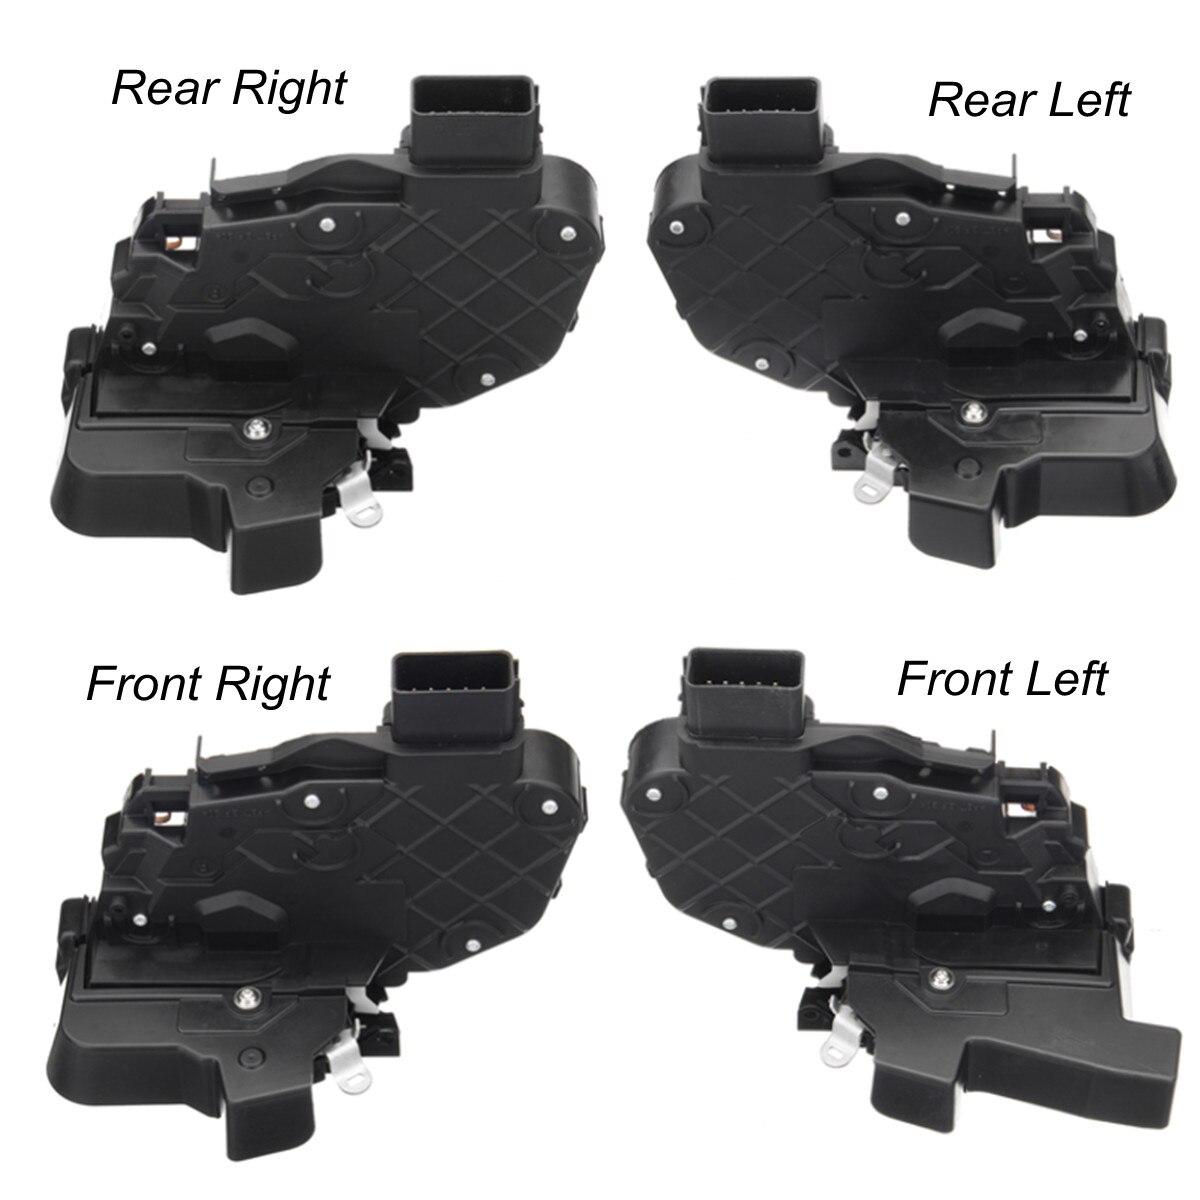 Mécanisme de verrouillage de porte de voiture actionneur pour Land Rover Freelander Evoque serrures matériel pièces de rechange avant/arrière gauche/droite